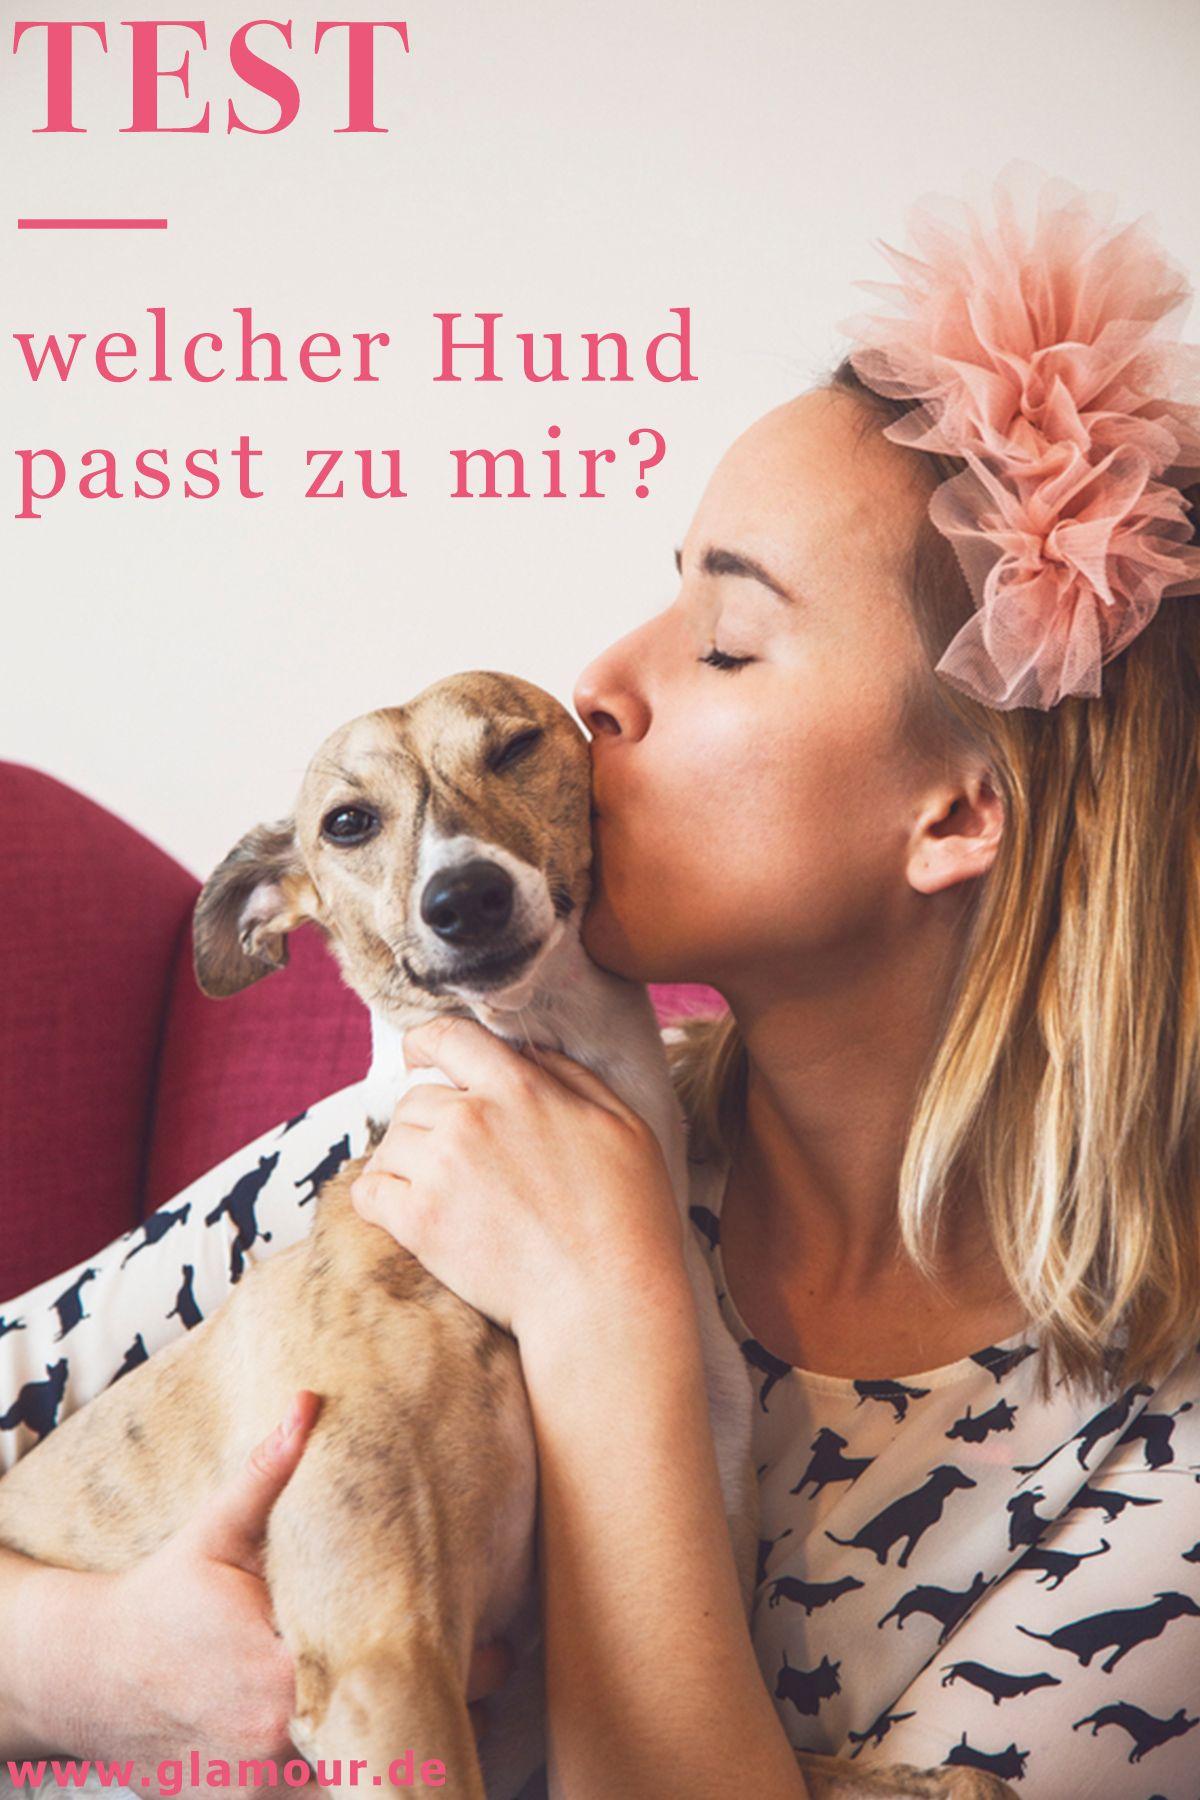 Teste Dich Welcher Hund Passt Zu Mir / Welcher Hund Passt